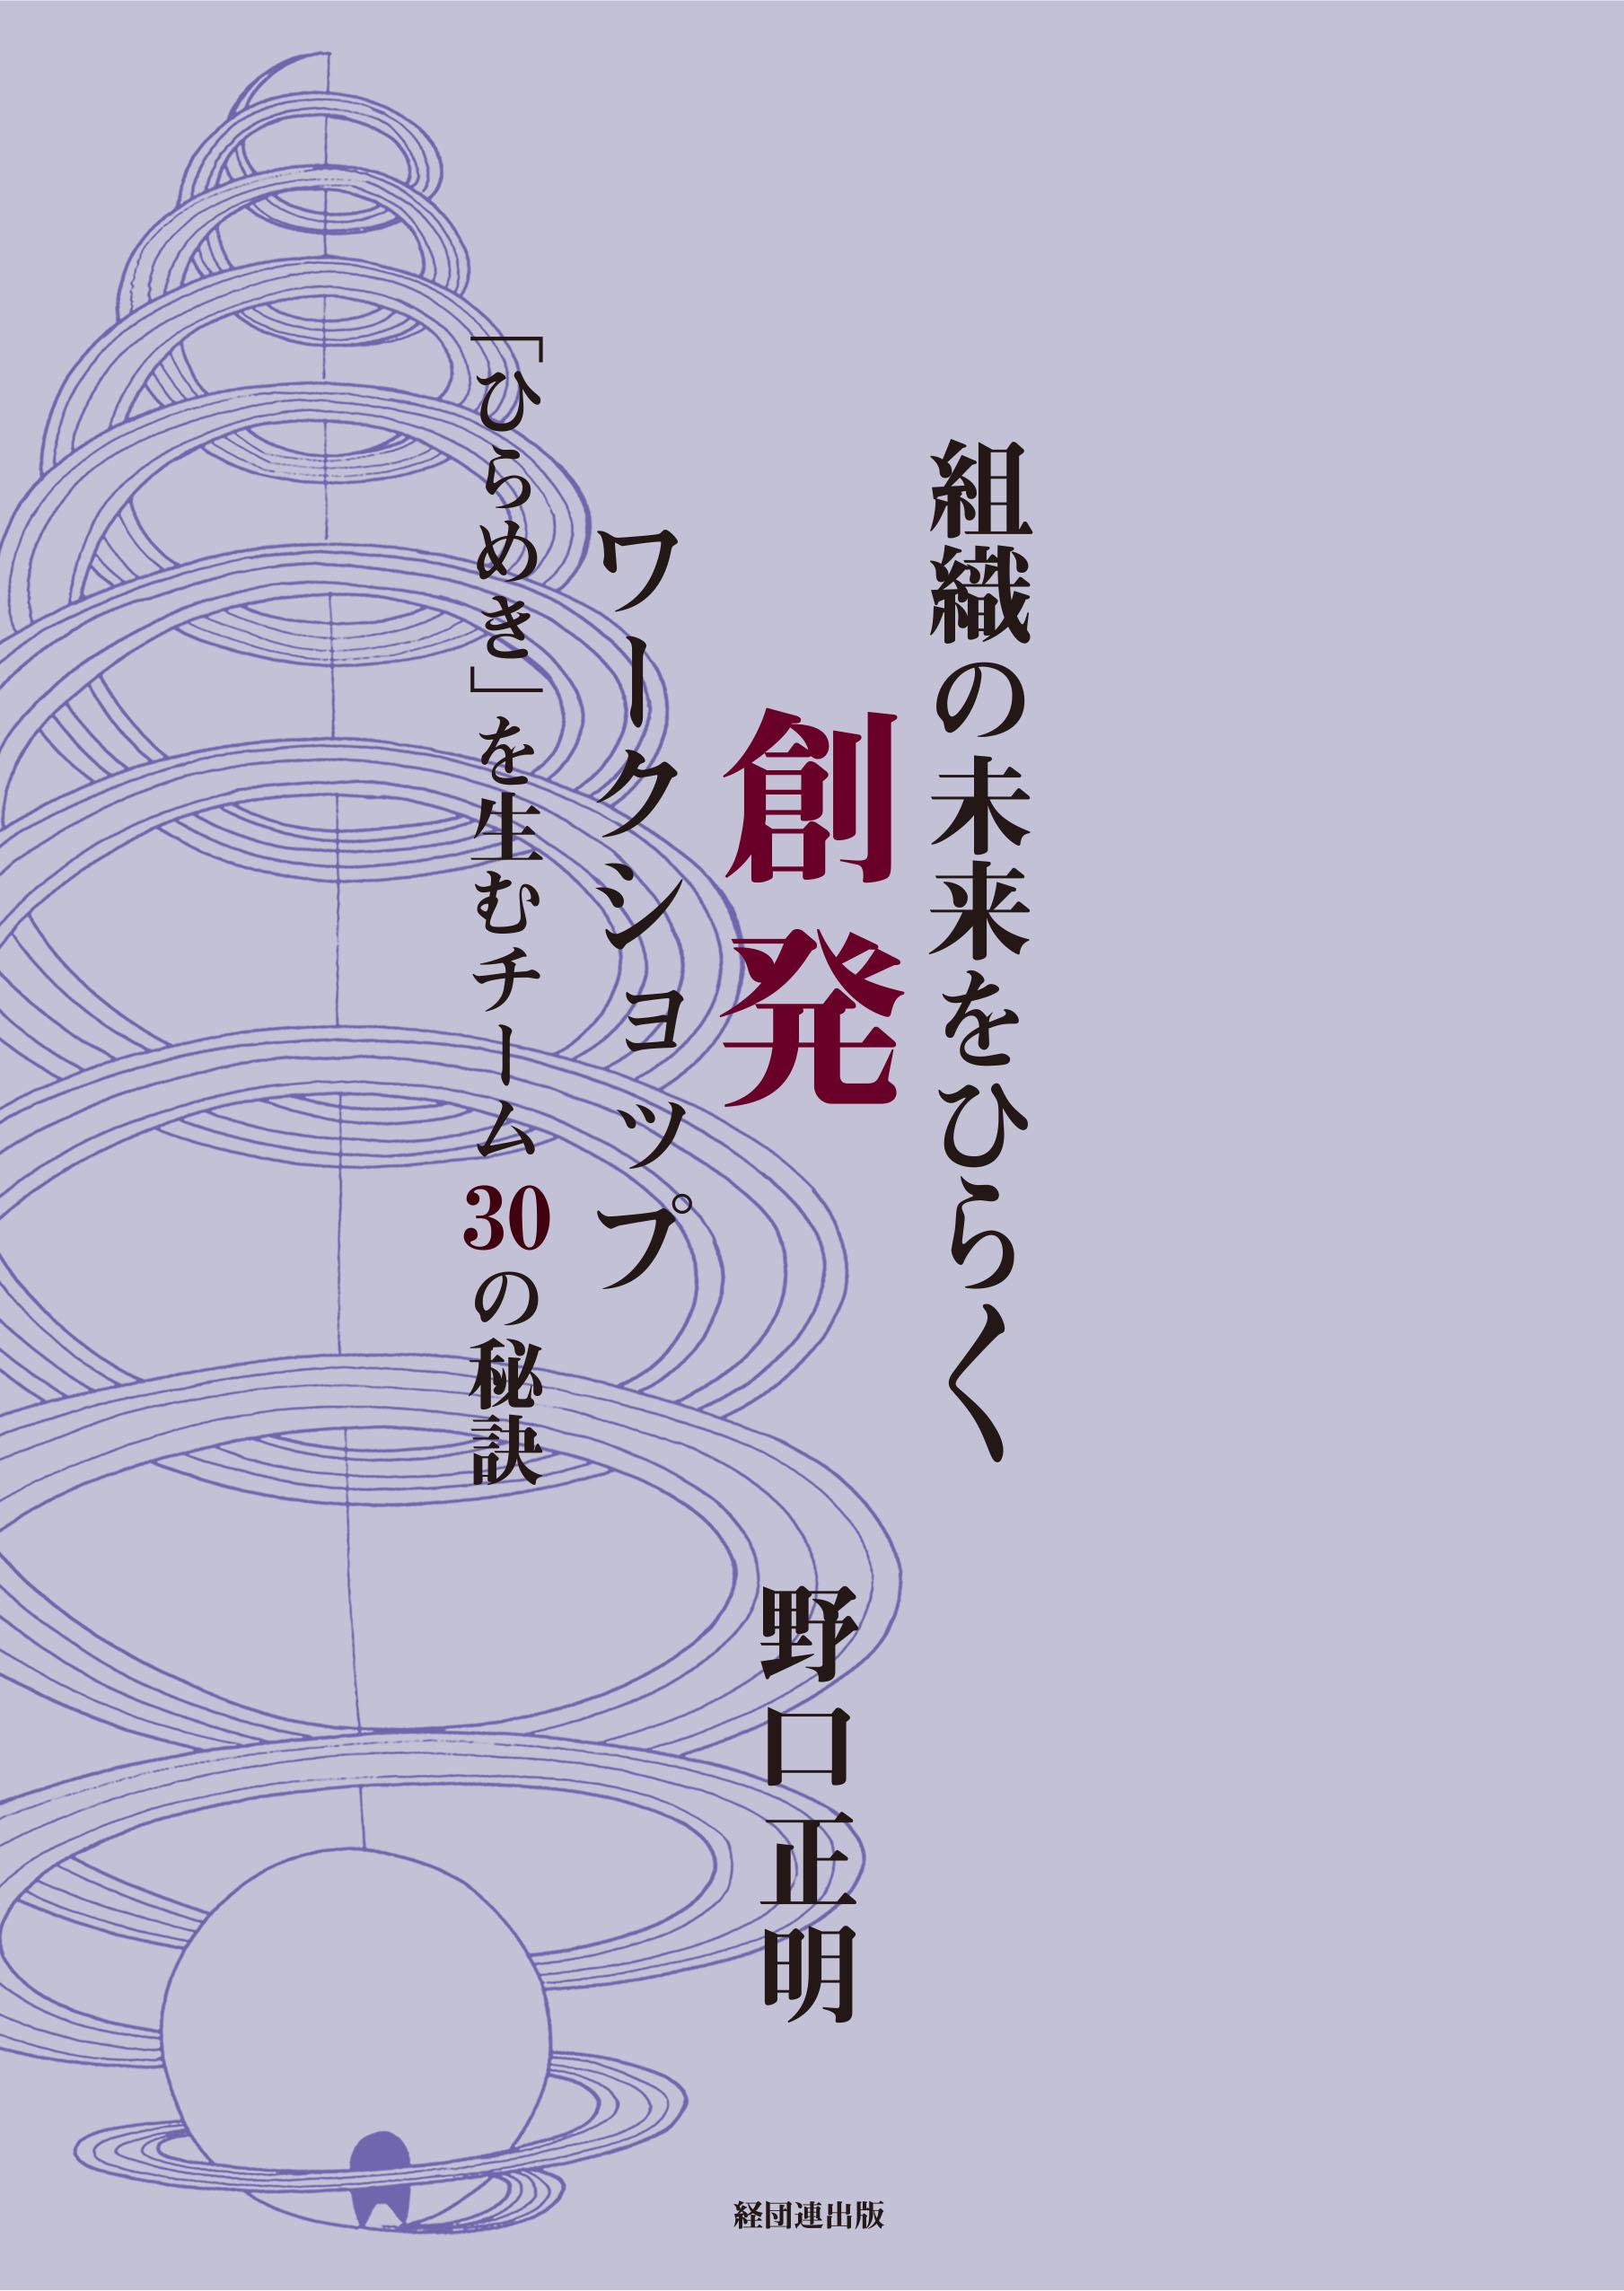 #創発本カバーデザイン_表